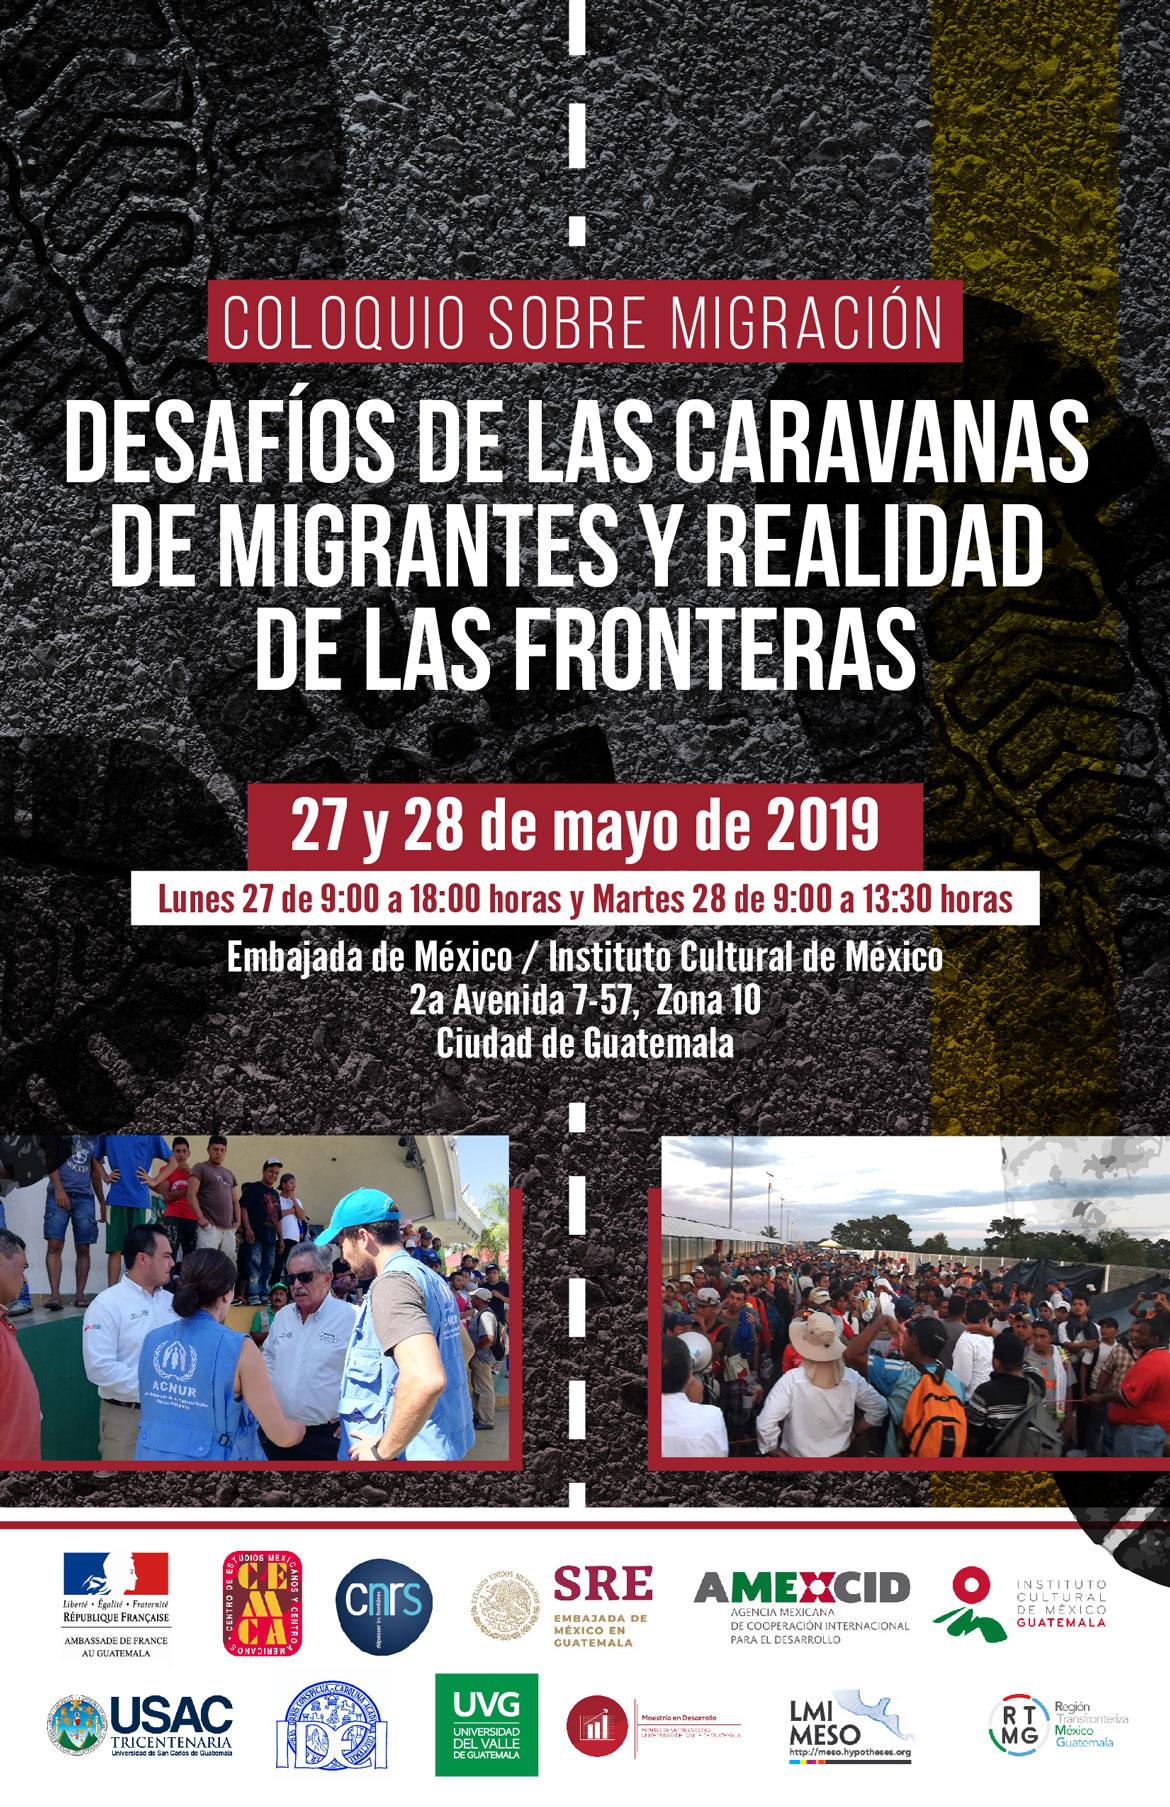 [27 y 28 mayo] Coloquio sobre migración: «Desafíos de las caravanas de migrantes y realidad de las fronteras»